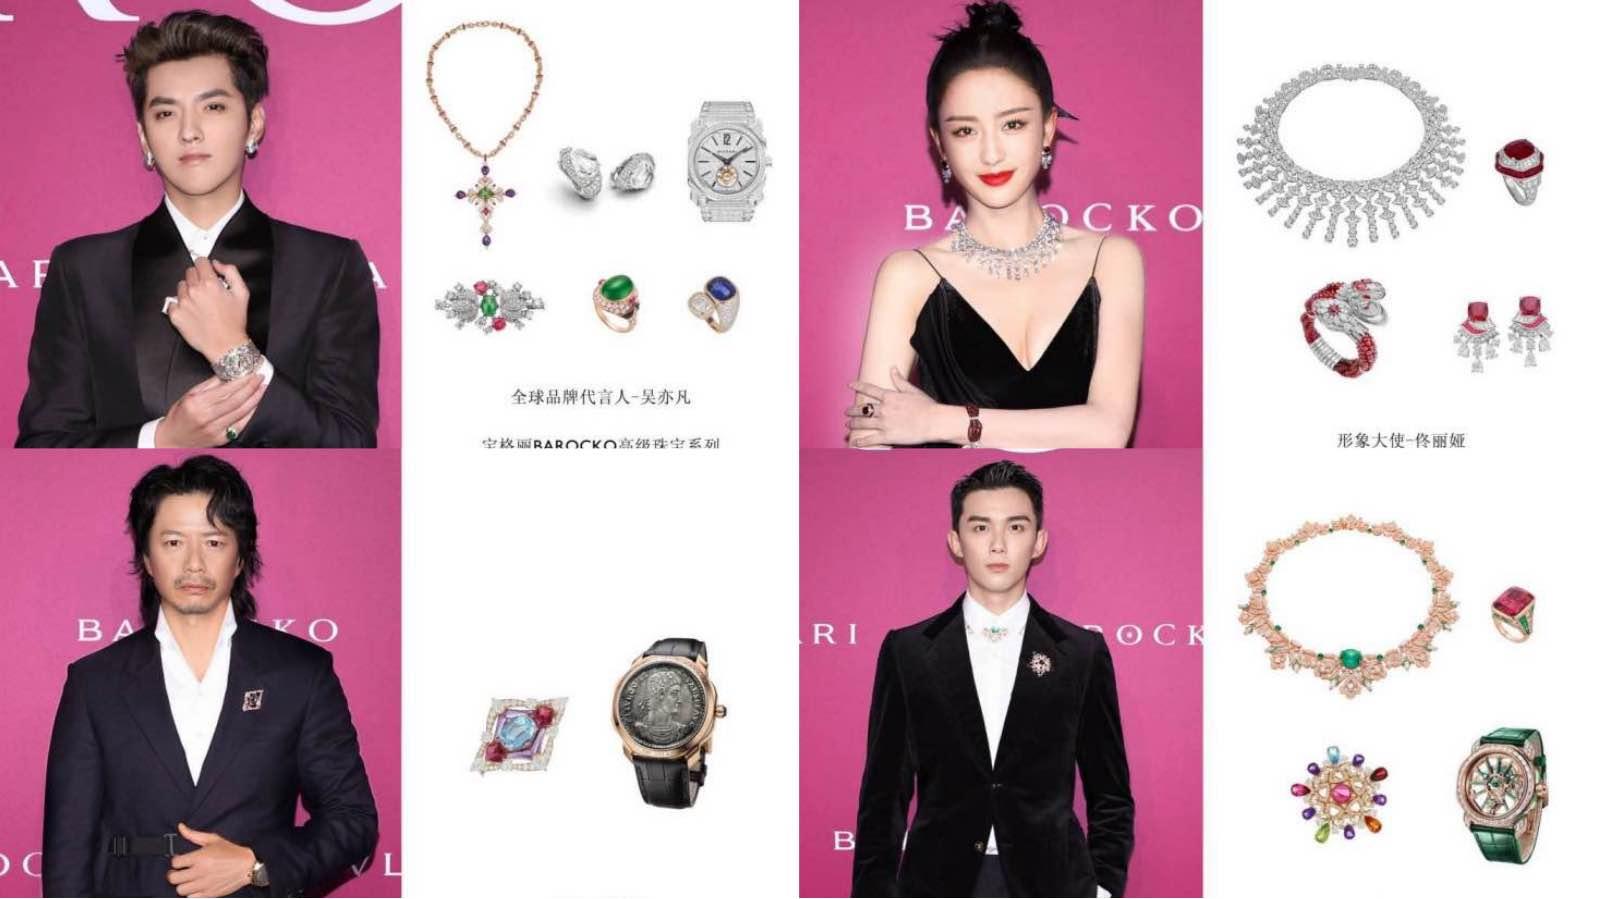 BVLGARI宝格丽Barocko高级珠宝系列于上海震撼发布